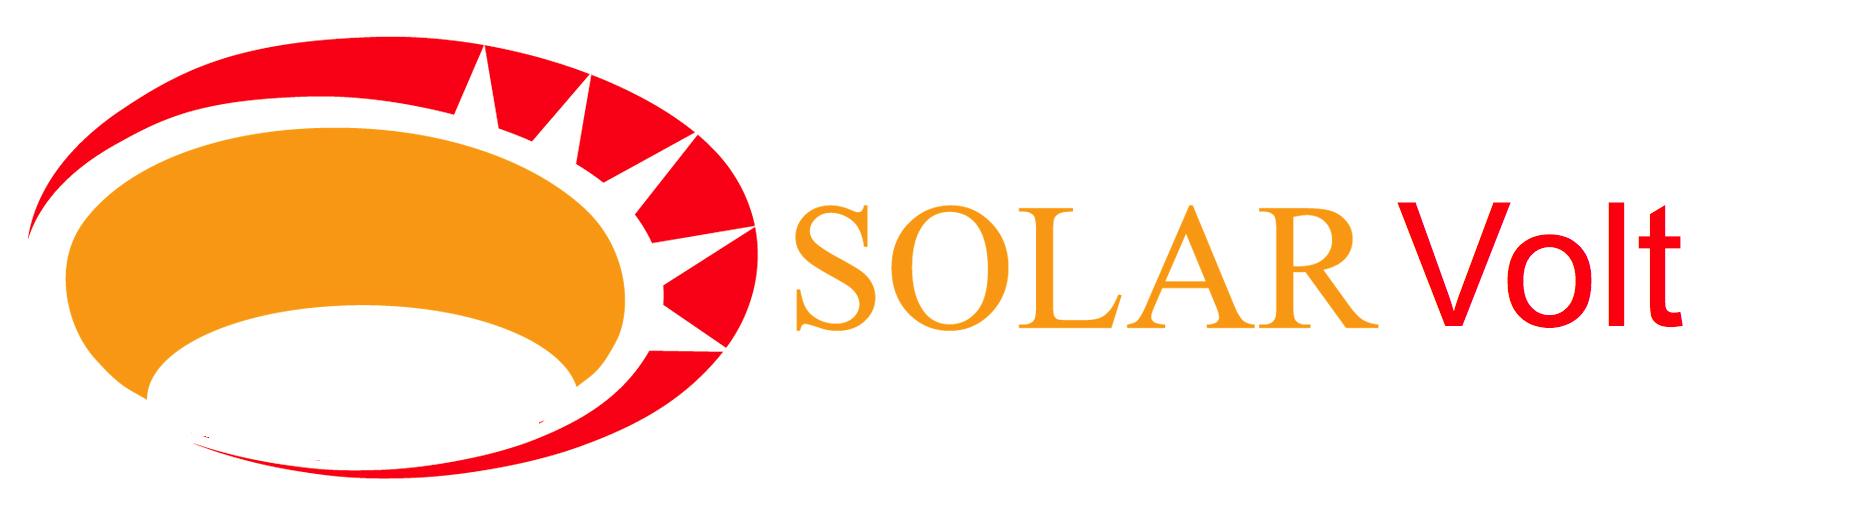 SolarVolt's hemsida